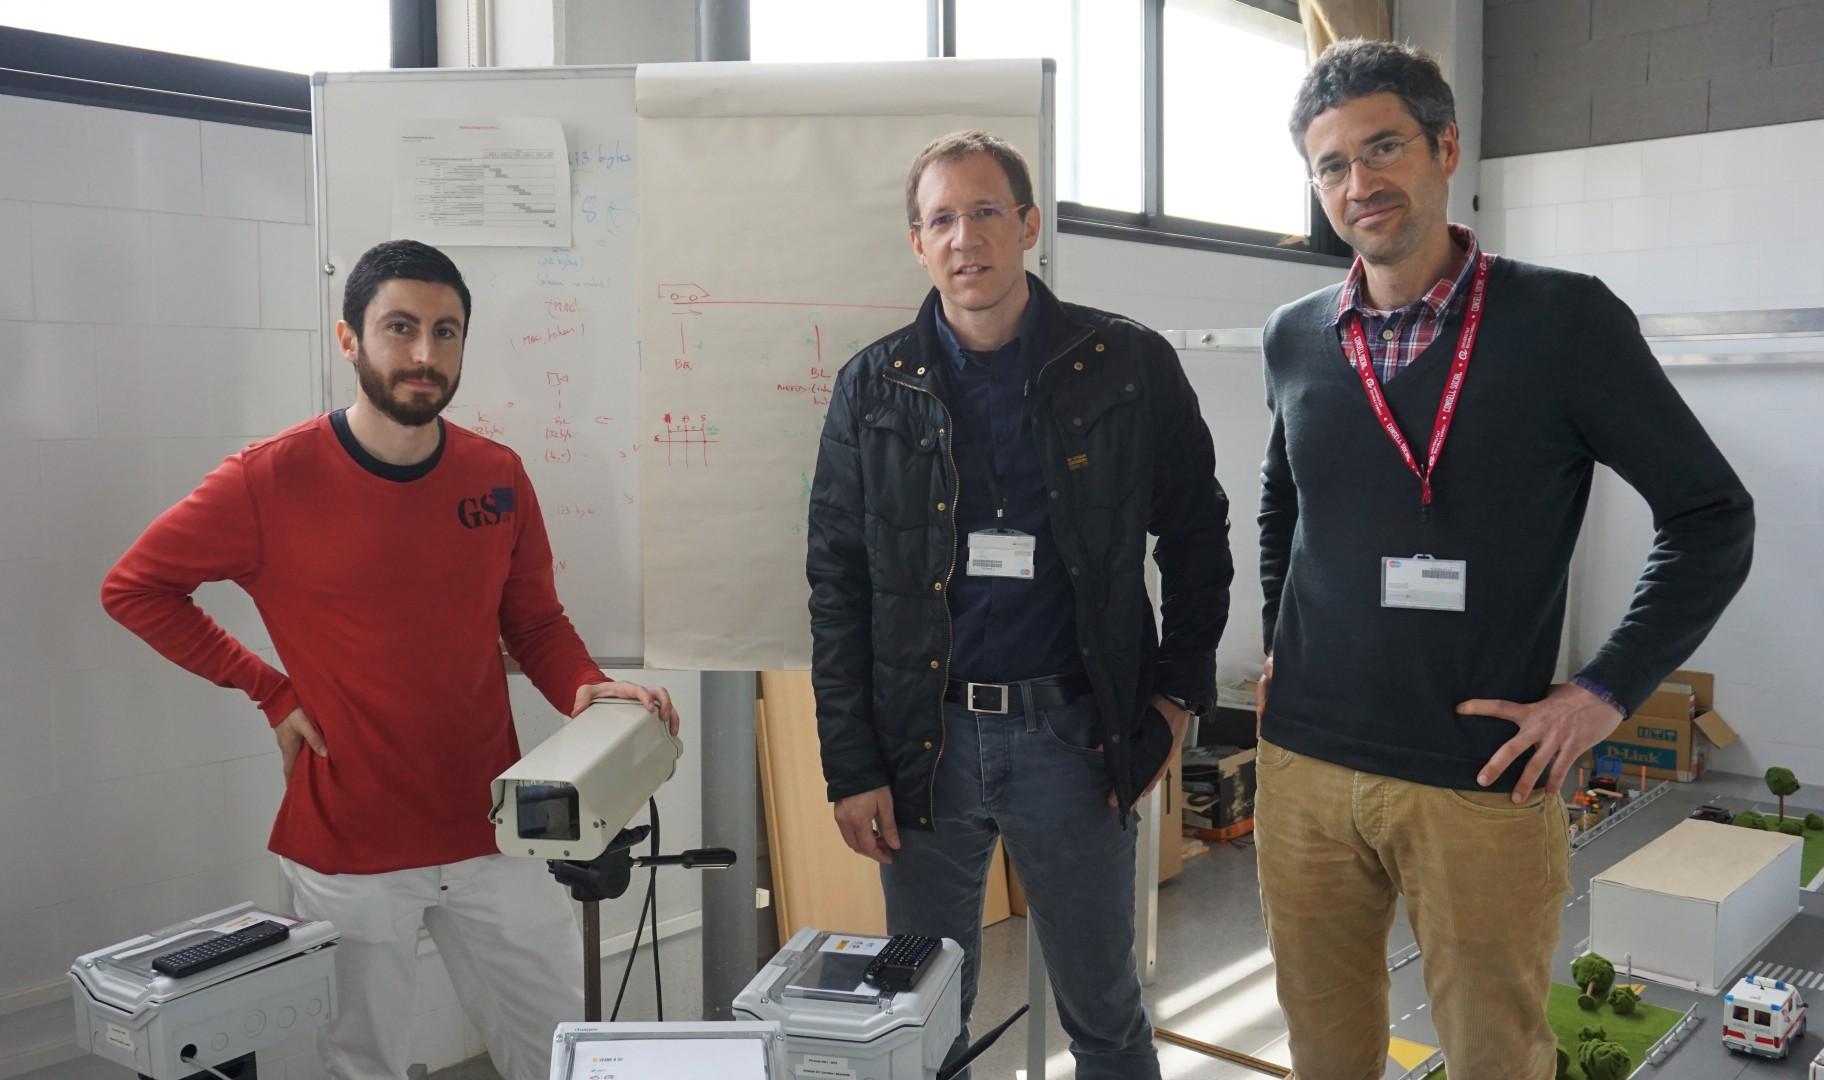 Els investigadors Carles Anglès-Tafalla, Jordi Castellà-Roca i Josep Maria Gastó, amb el prototip de l'Spark&Go.